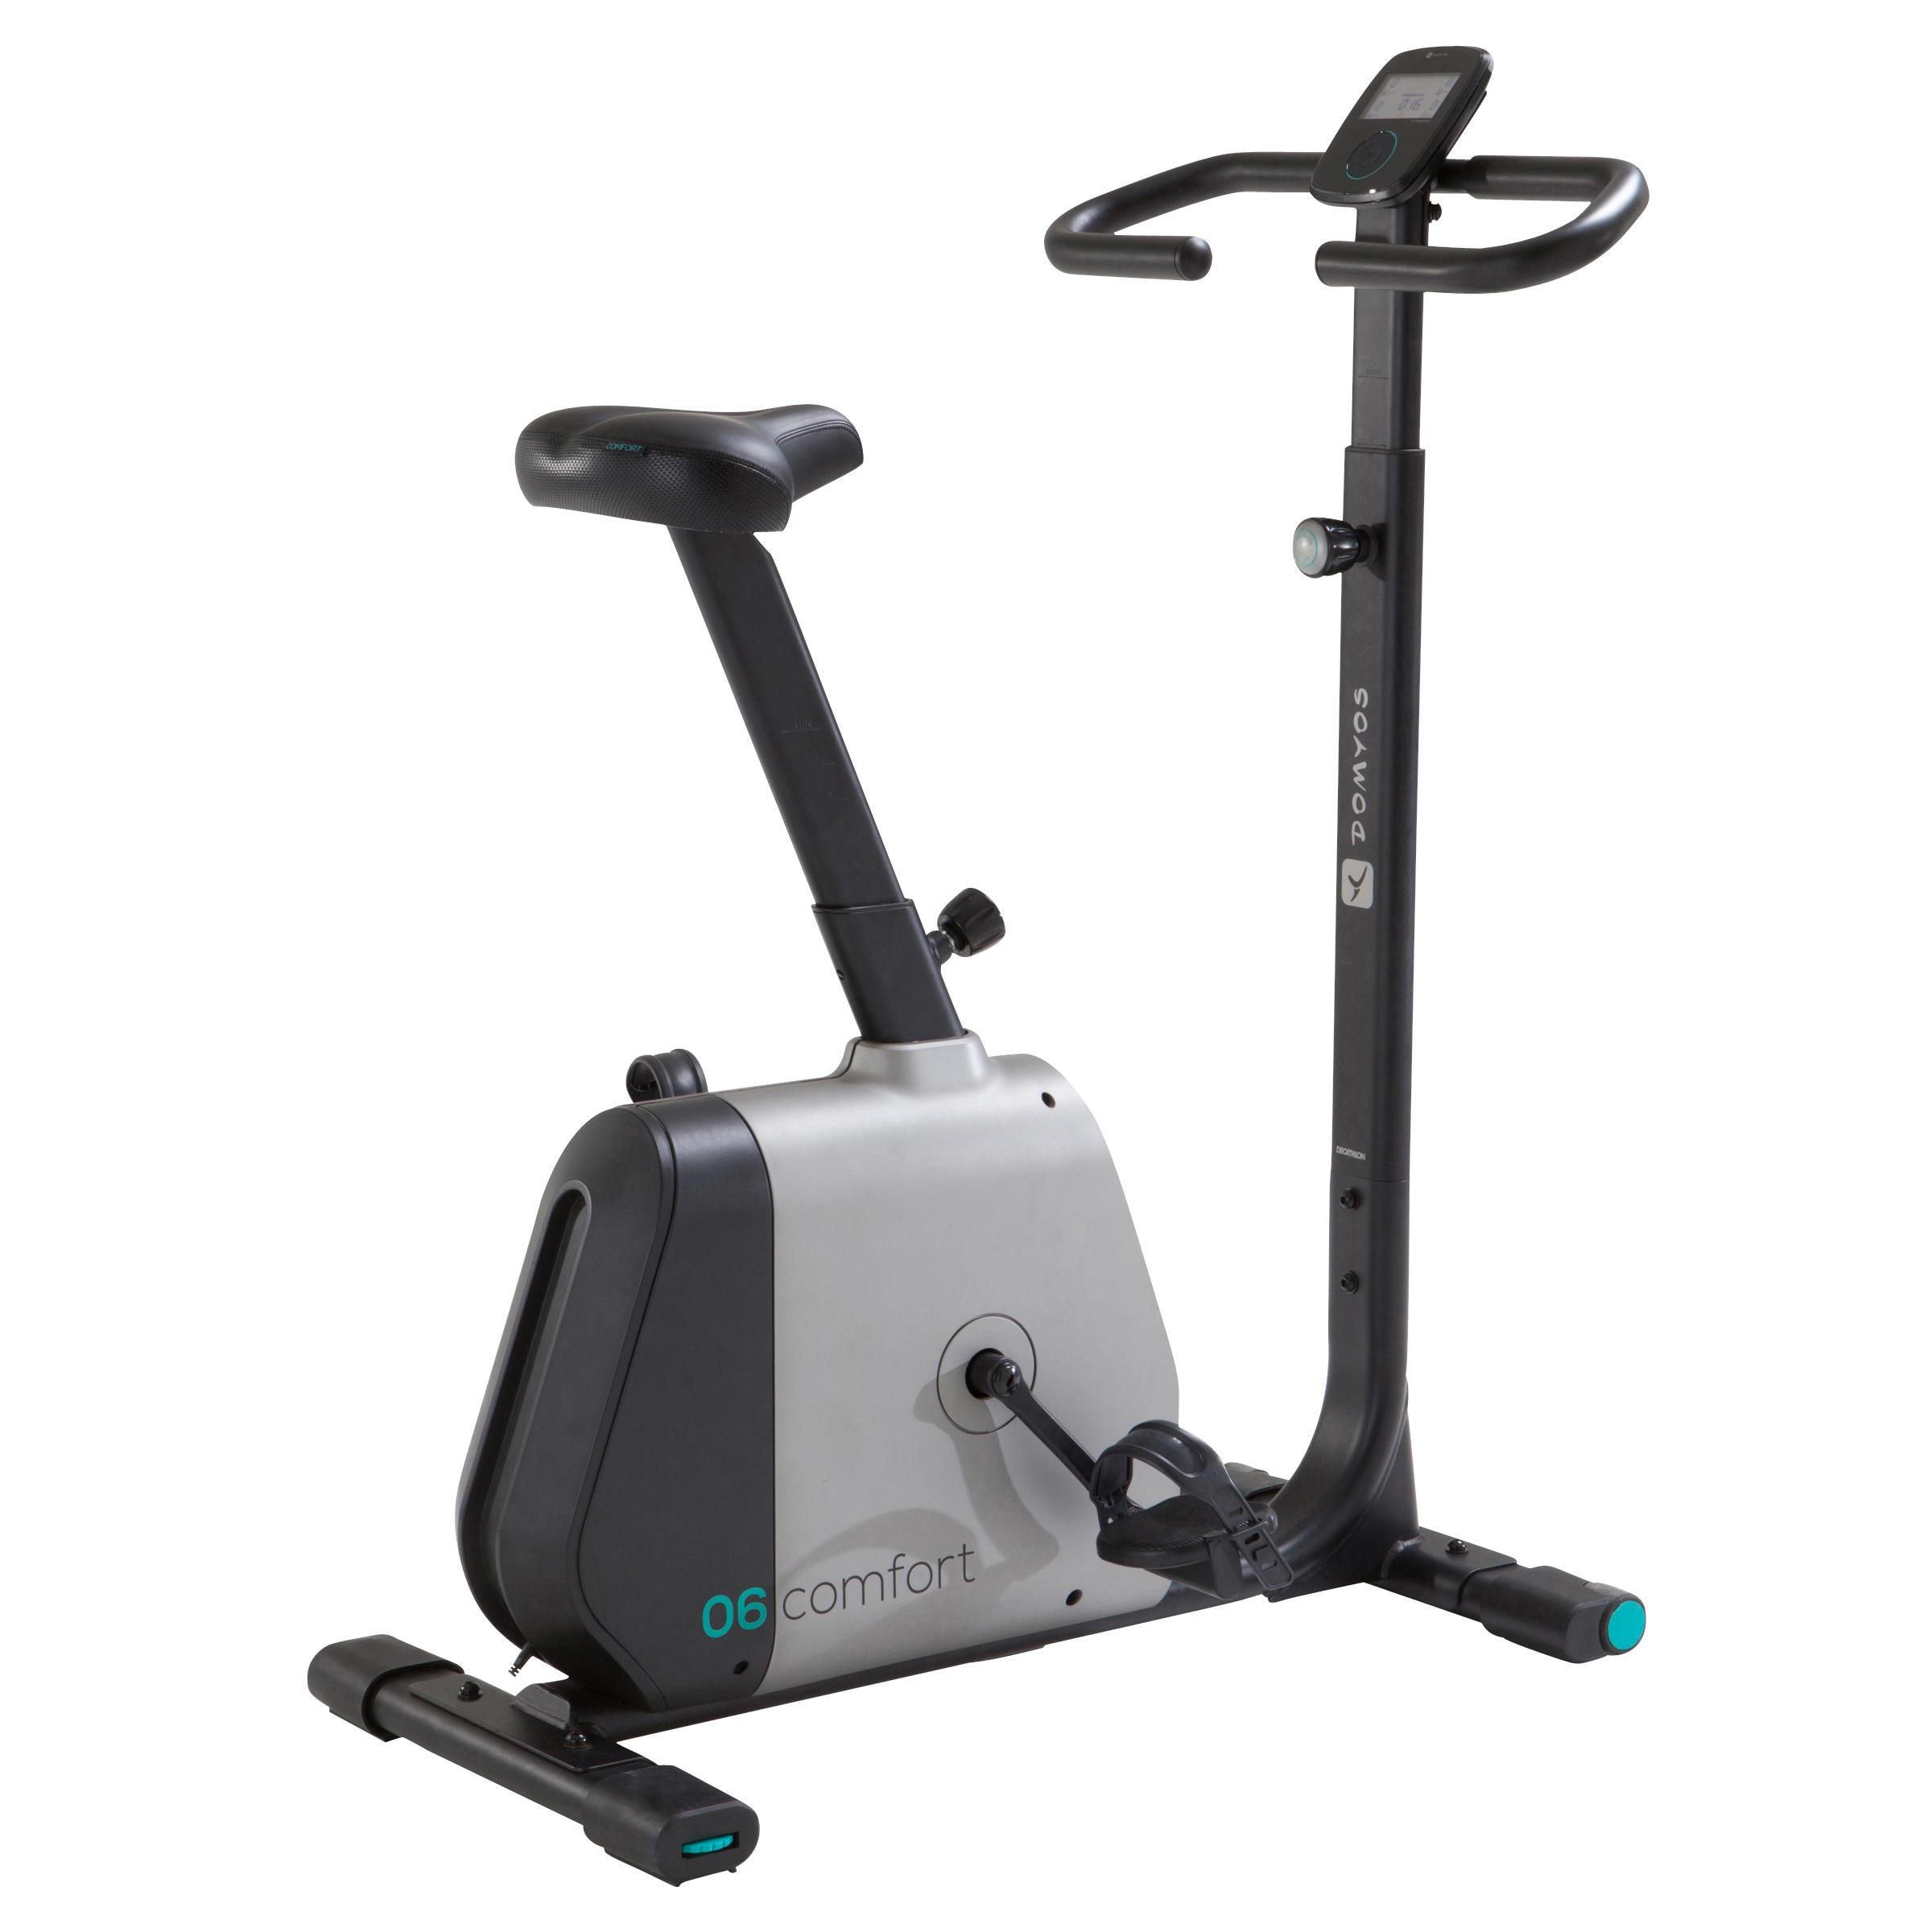 Hometrainer domyos kopen online internetwinkel - Velo fitness appartement ...